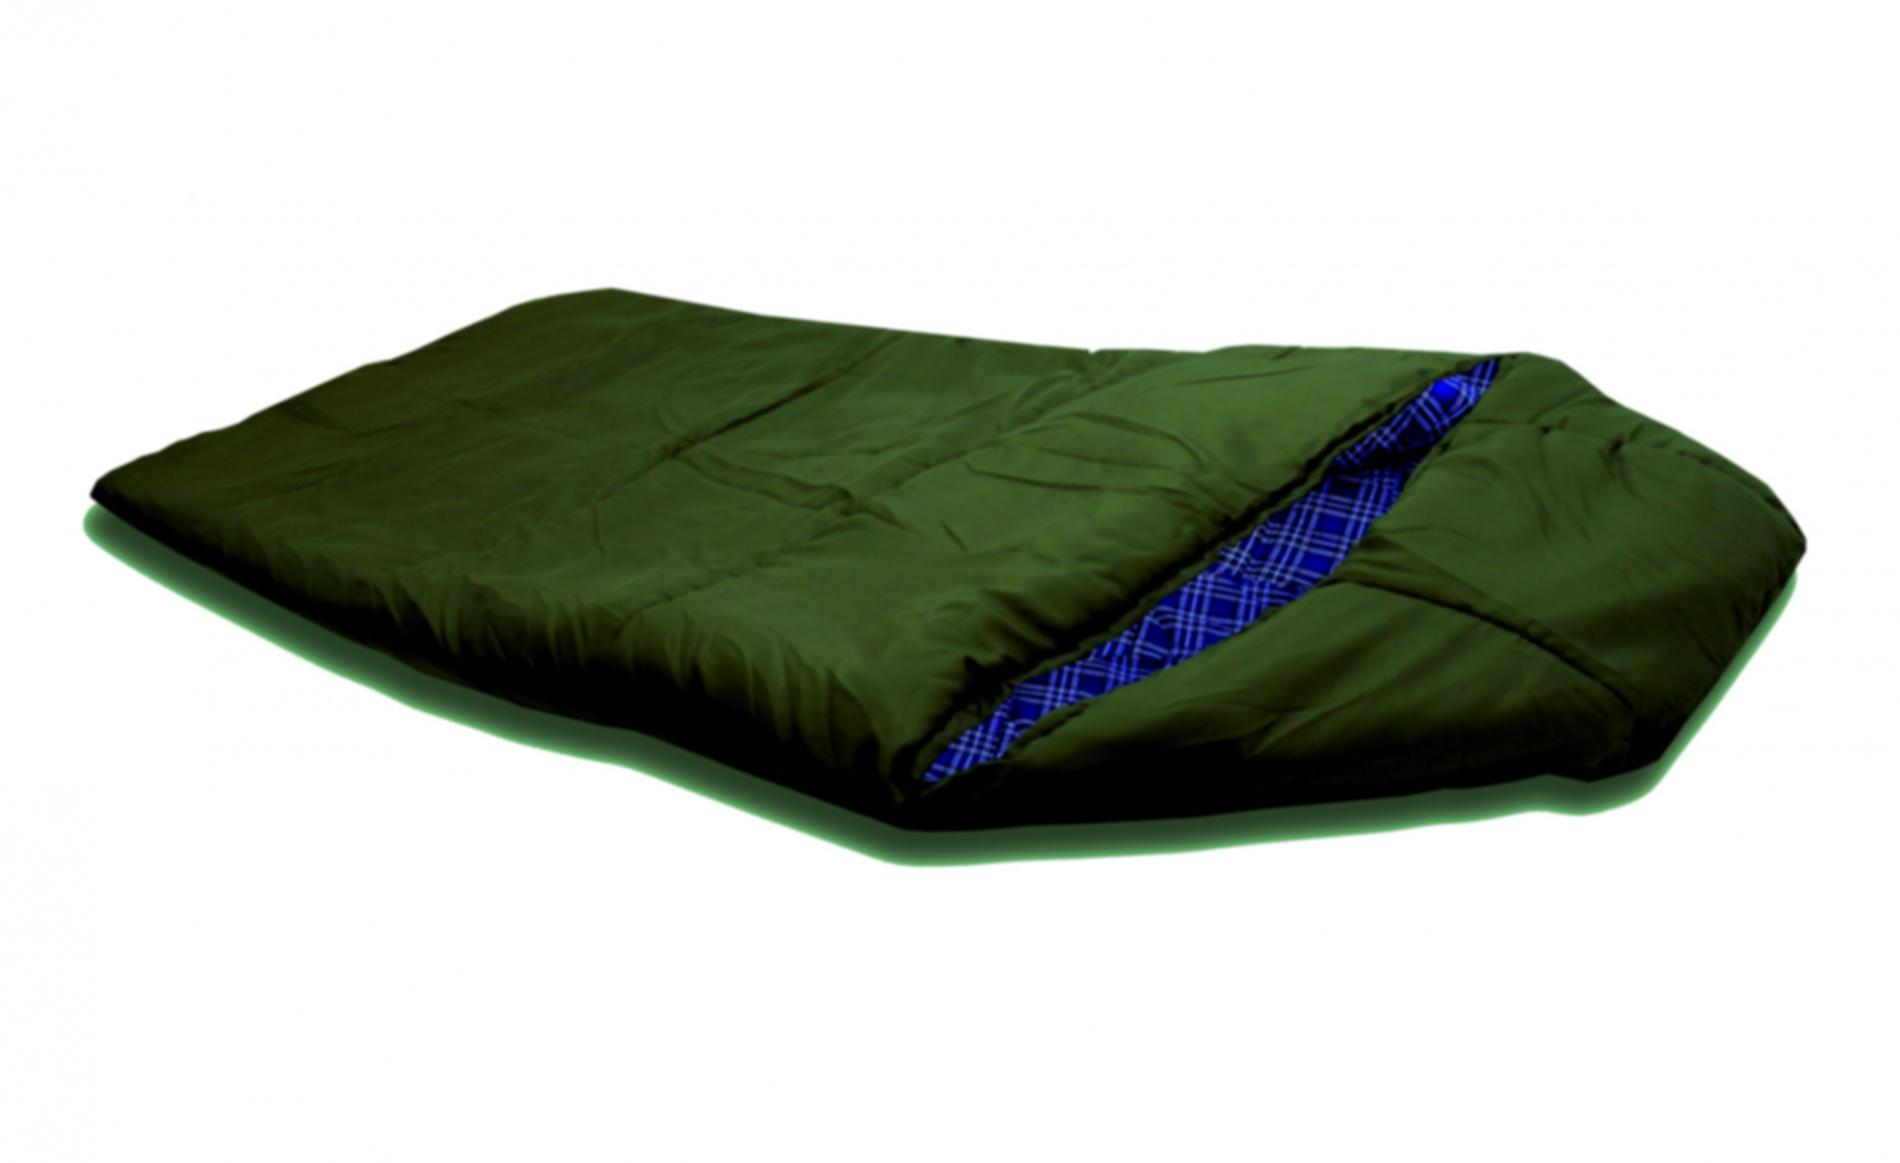 Мешок спальный Домбай 4XLСпальники<br>Спальный мешок типа Одеяло с капюшоном <br>Двухязычковая молния позволяет полностью <br>раскрыть мешок. Капюшон позволяет полностью <br>укрыть голову от внешних воздействий окружающей <br>среды. Утеплитель: синтетический Bio-tex 500 <br>гр/м2 Высококачественный утеплитель bio-tex <br>из полого сильно извитого силиконизированного <br>волокна, 100% полиэстр. Спиральная форма волокна <br>и силикон позволяет сохранять свою форму <br>и легко восстанавливать ее после сжатия <br>и стирки. Уникальная структура термофиксированного <br>нетканного утеплителя bio-tex обеспечивают <br>высокие потребительские качества. Надежно <br>сохраняет тепло, не впитывает влагу. Прекрасно <br>поддерживает микроклимат человека, пропускает <br>воздух. Не вызывает аллергии, не впитывает <br>запахи, идеален для людей, страдающих бронхиальной <br>астмой. Изделия с утеплителем bio-tex легко <br>стираются в теплой воде и быстро сохнут <br>при комнатной температуре. Ткань верха: <br>Таффета PU. Ткань подклада: Фланель Температура <br>комфорт/экстрим: -10/-20<br><br>Сезон: зима